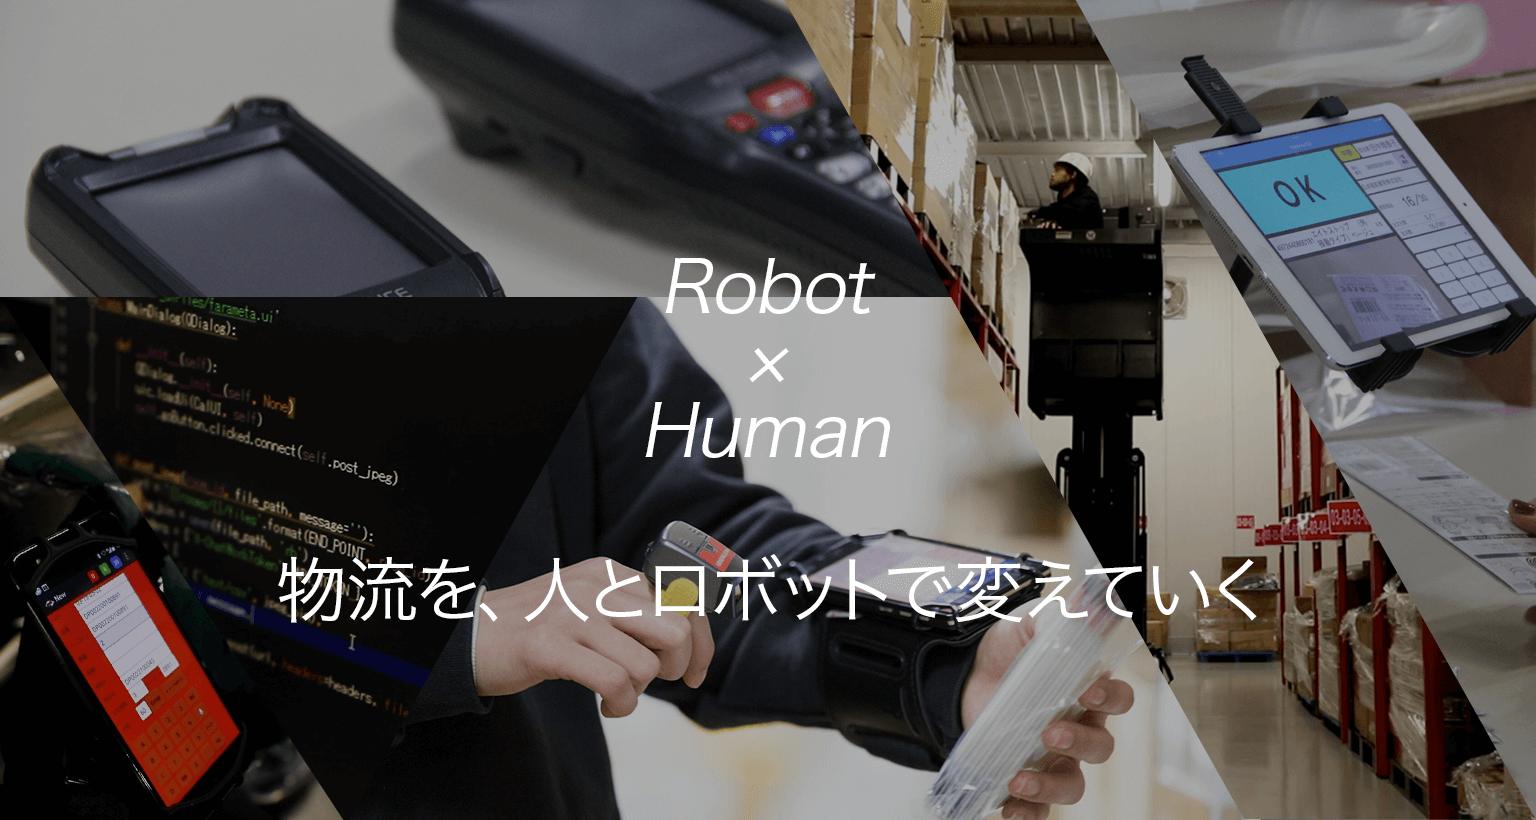 物流を、人とロボットで変えていく